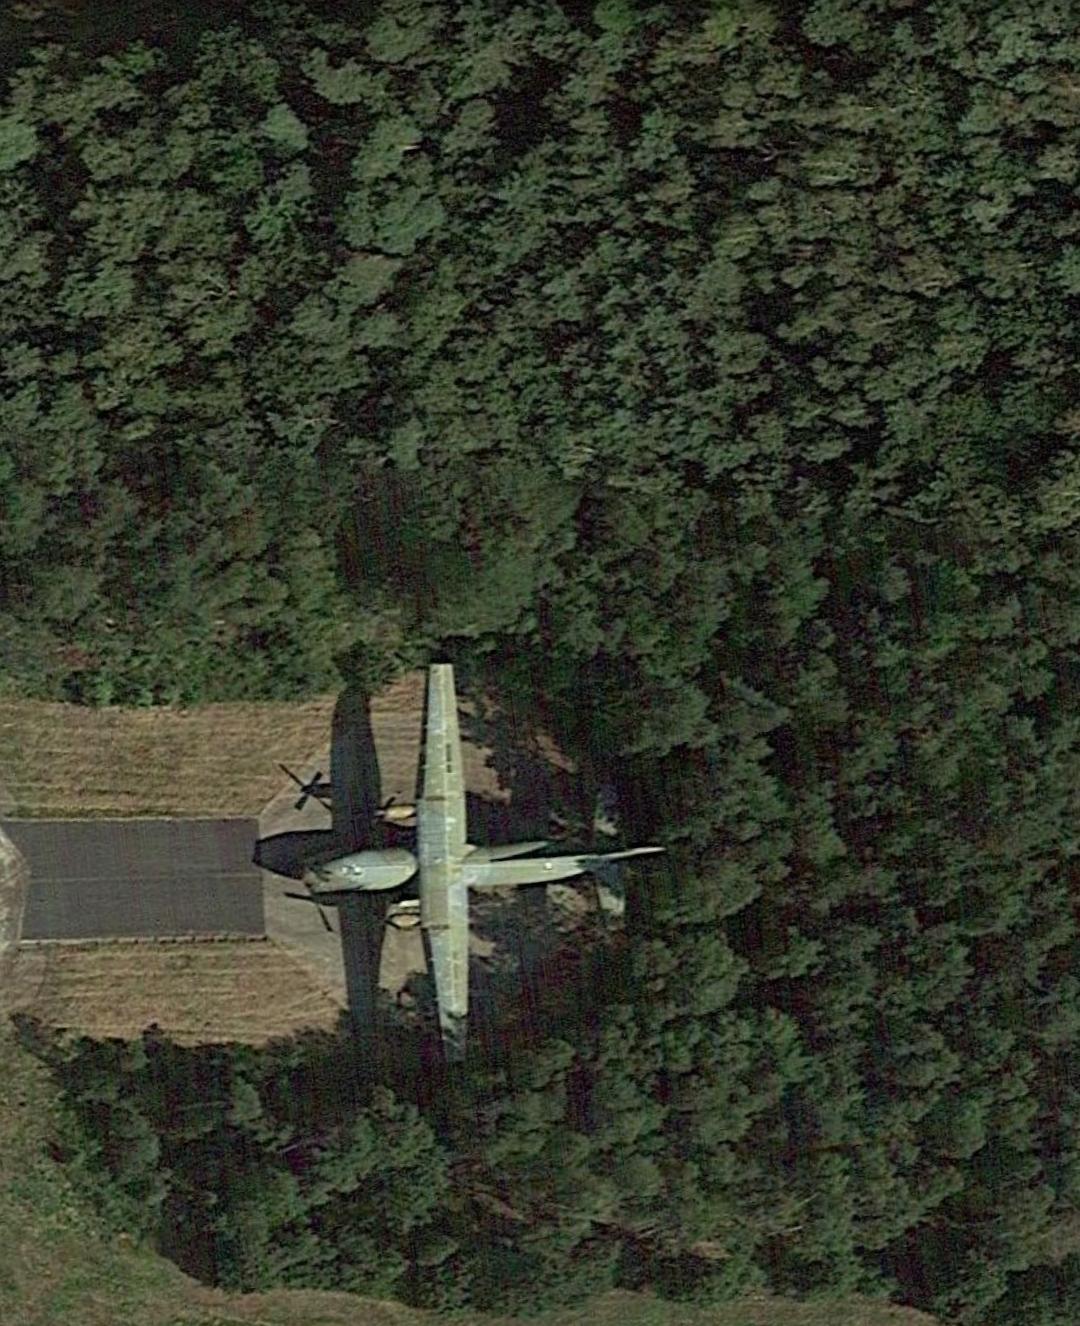 Screenshot_20210223-212639_Earth_copy_1080x1326.jpg